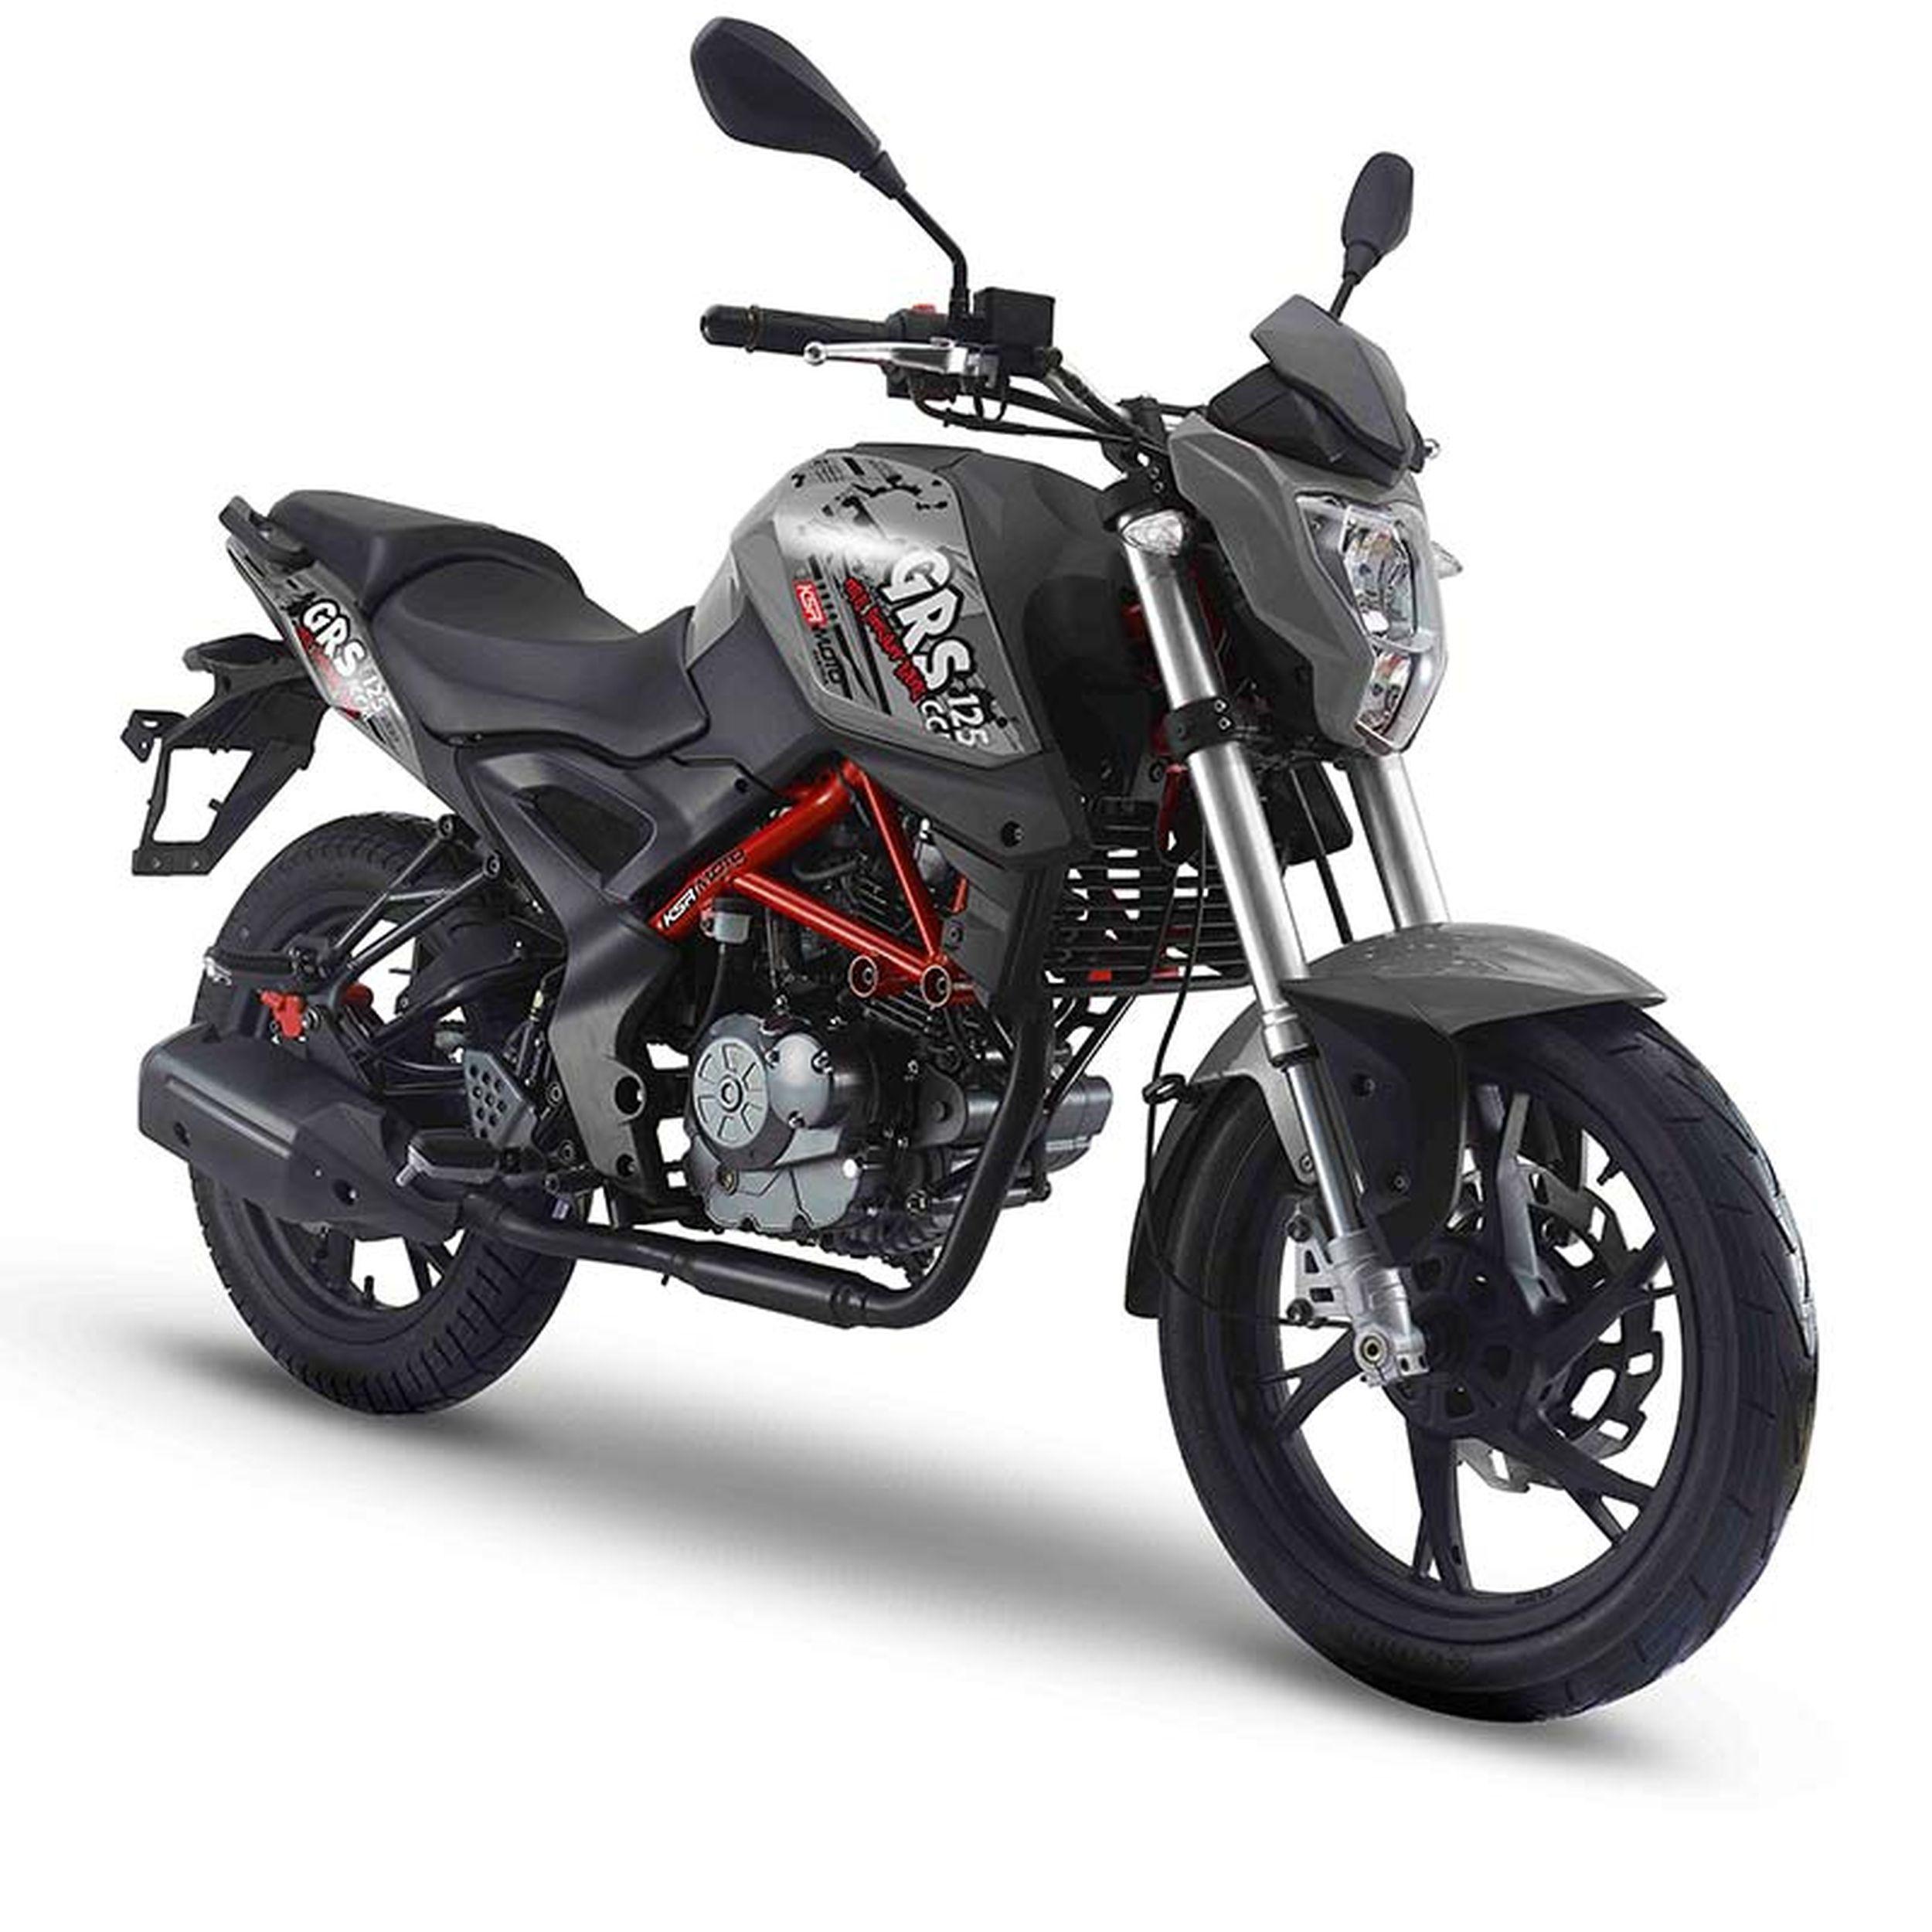 gebrauchte und neue ksr moto grs 125 motorr der kaufen. Black Bedroom Furniture Sets. Home Design Ideas